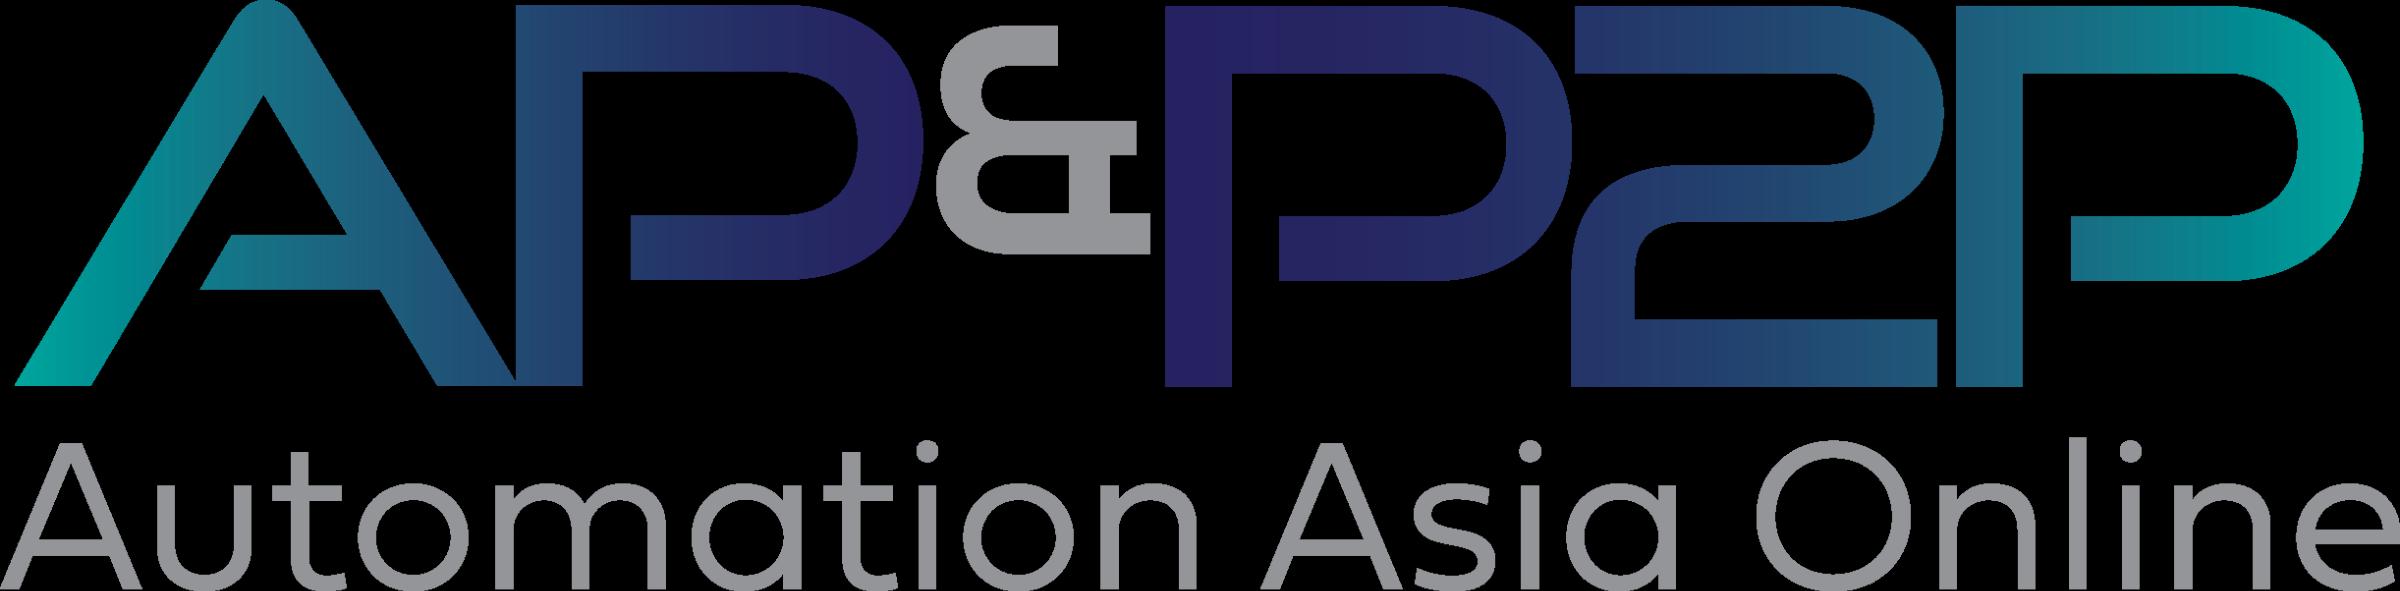 AP & P2P Automation Asia Online